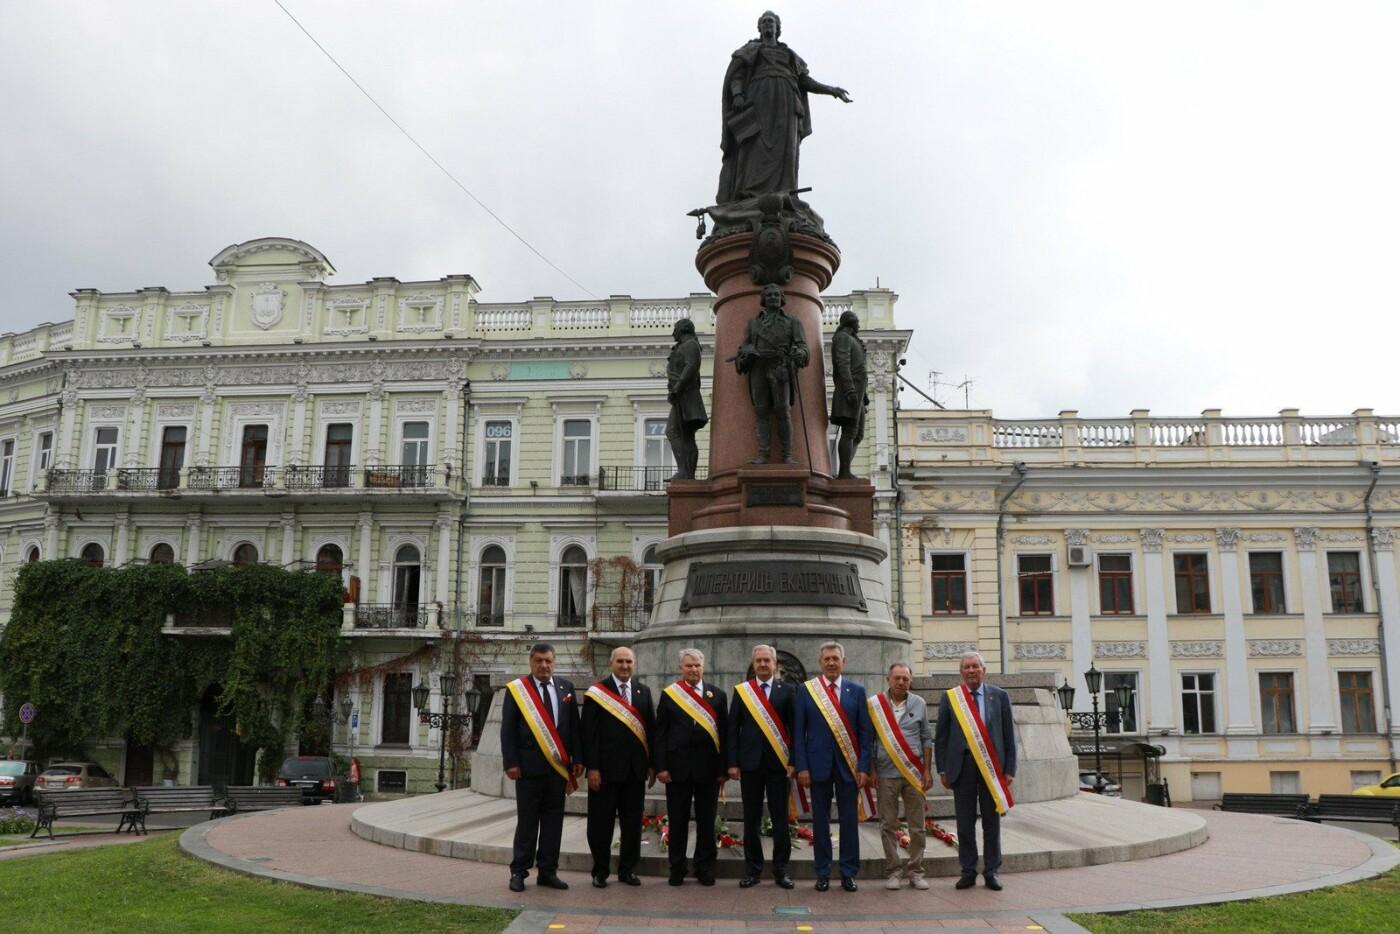 День Одессы 2021: почетные граждане возложили розы к памятнику Екатерине II,- ФОТО, фото-1